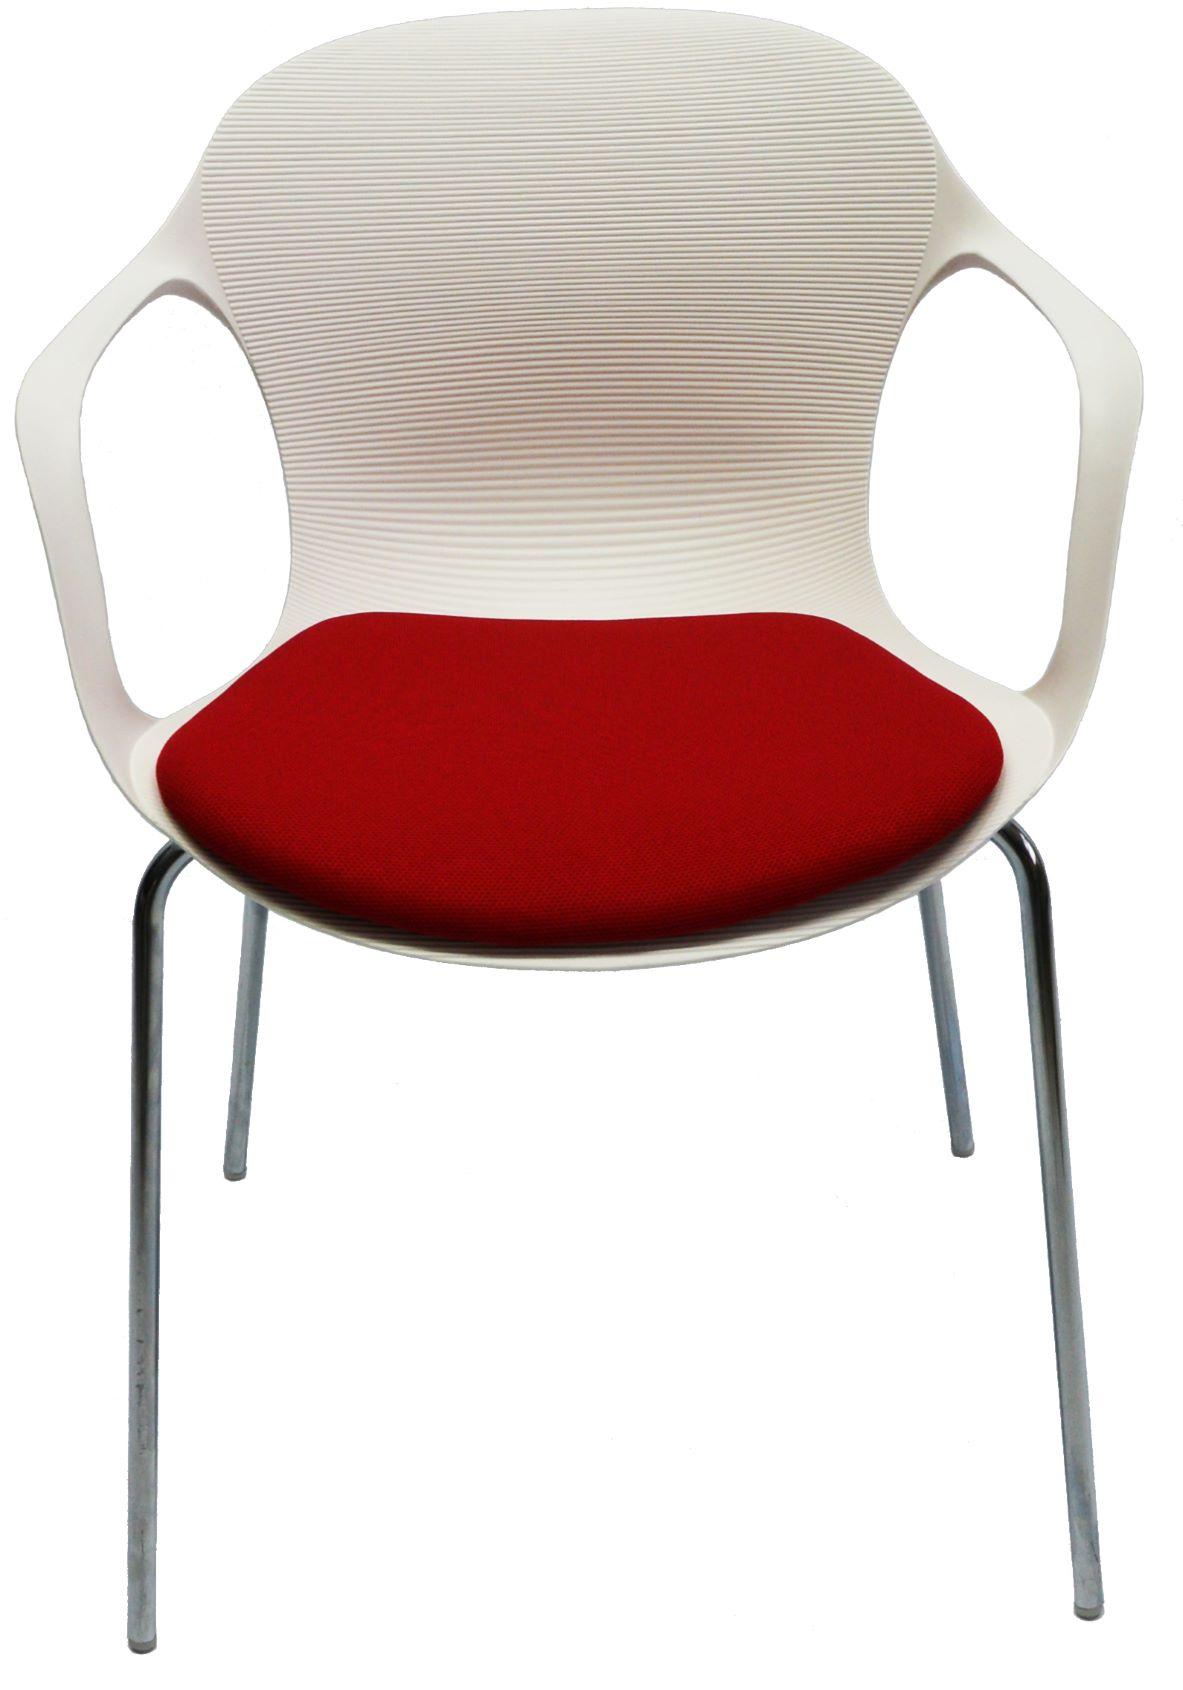 GS1401A白扶手-紅墊